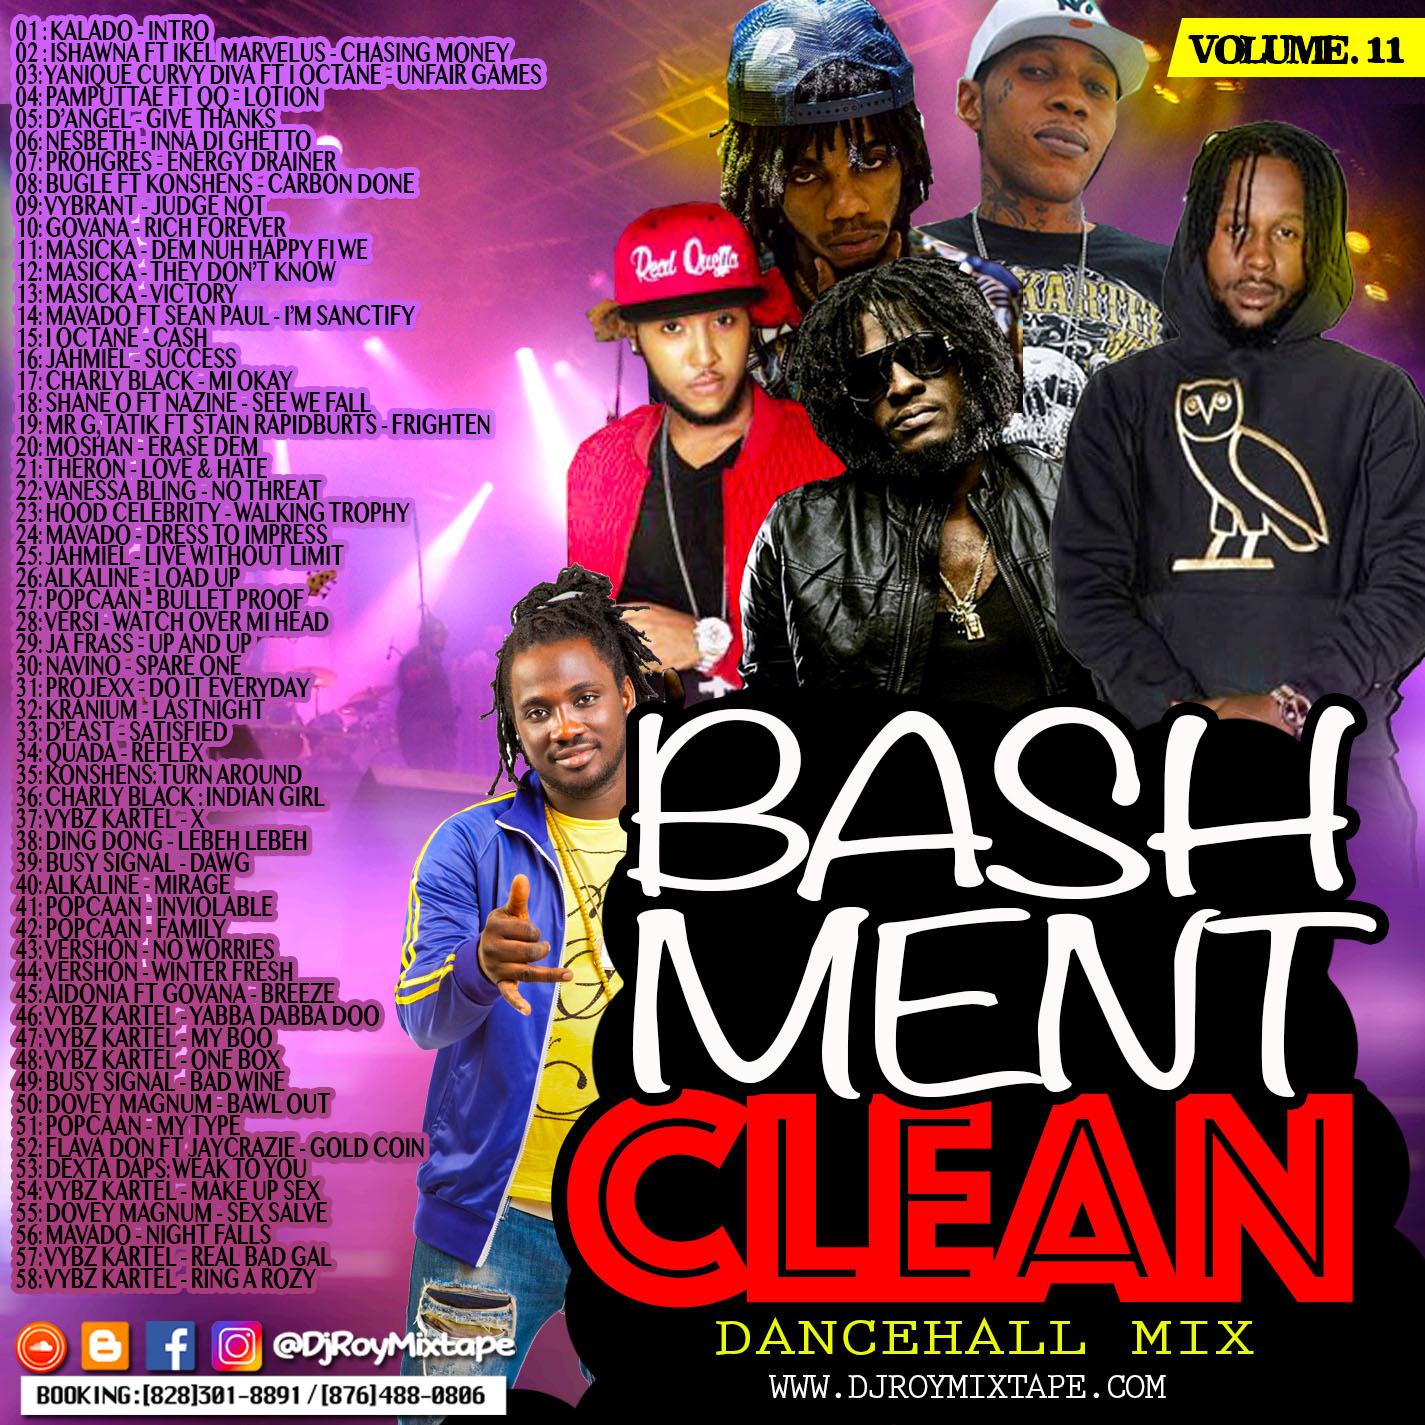 DJROYMIXTAPE : DJ ROY BASHMENT CLEAN DANCEHALL MIX VOL 11 2018